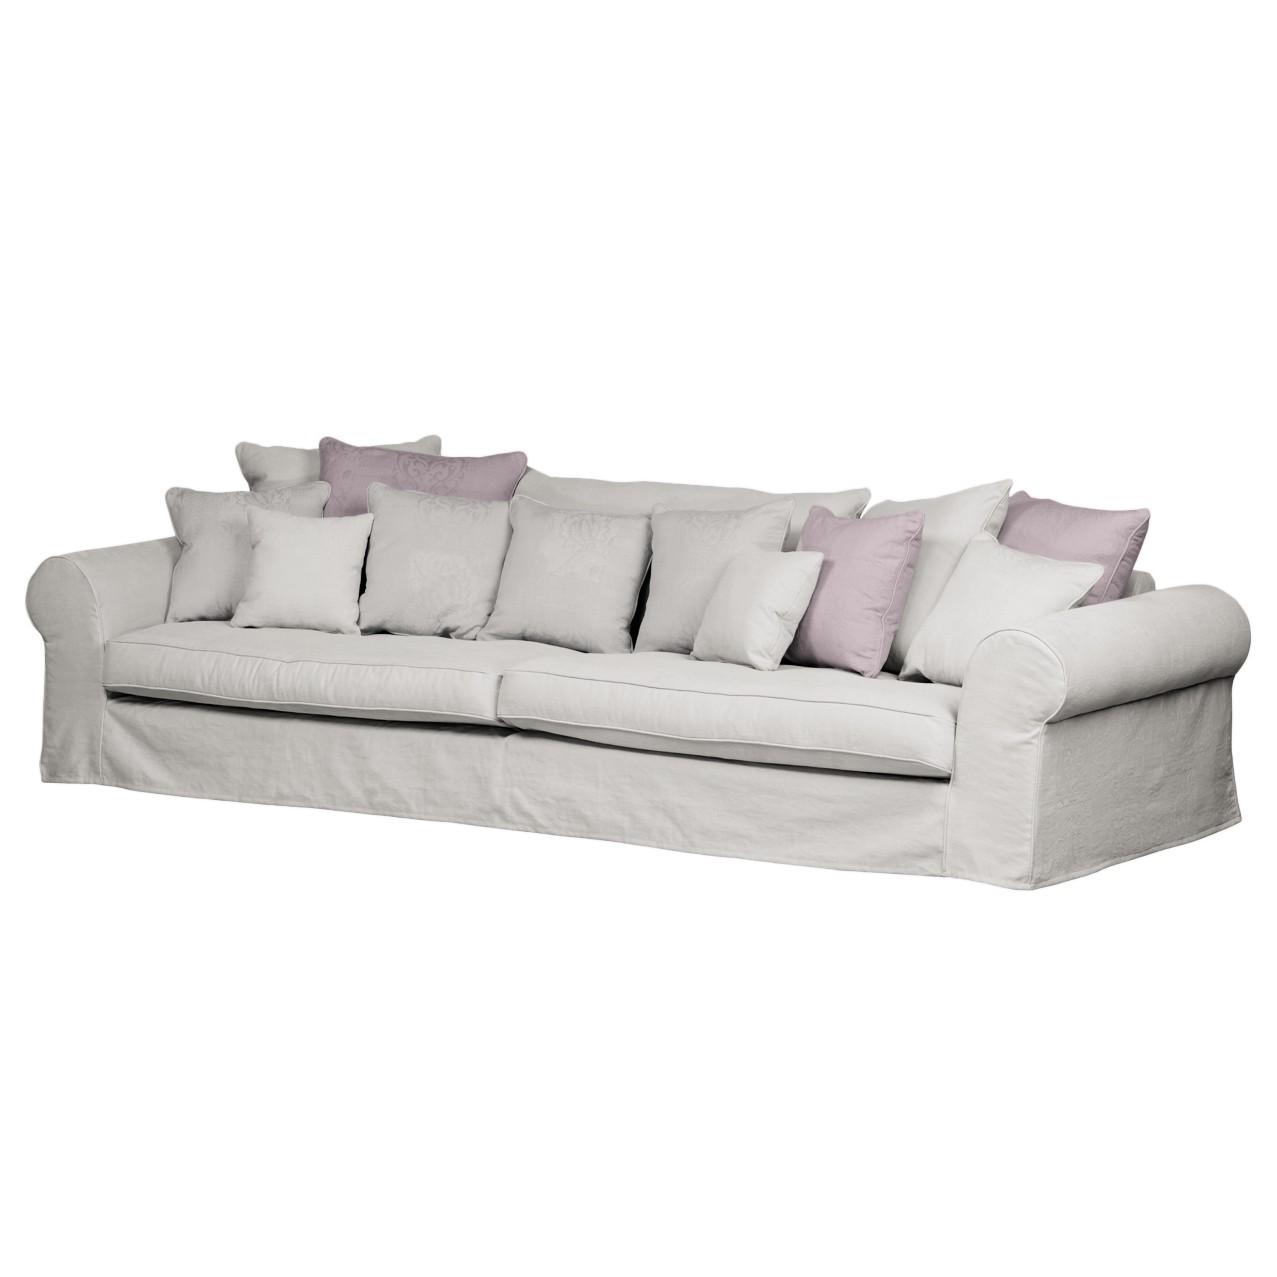 Grand canapé Lindas - Tissu - Gris / Violet, Maison Belfort